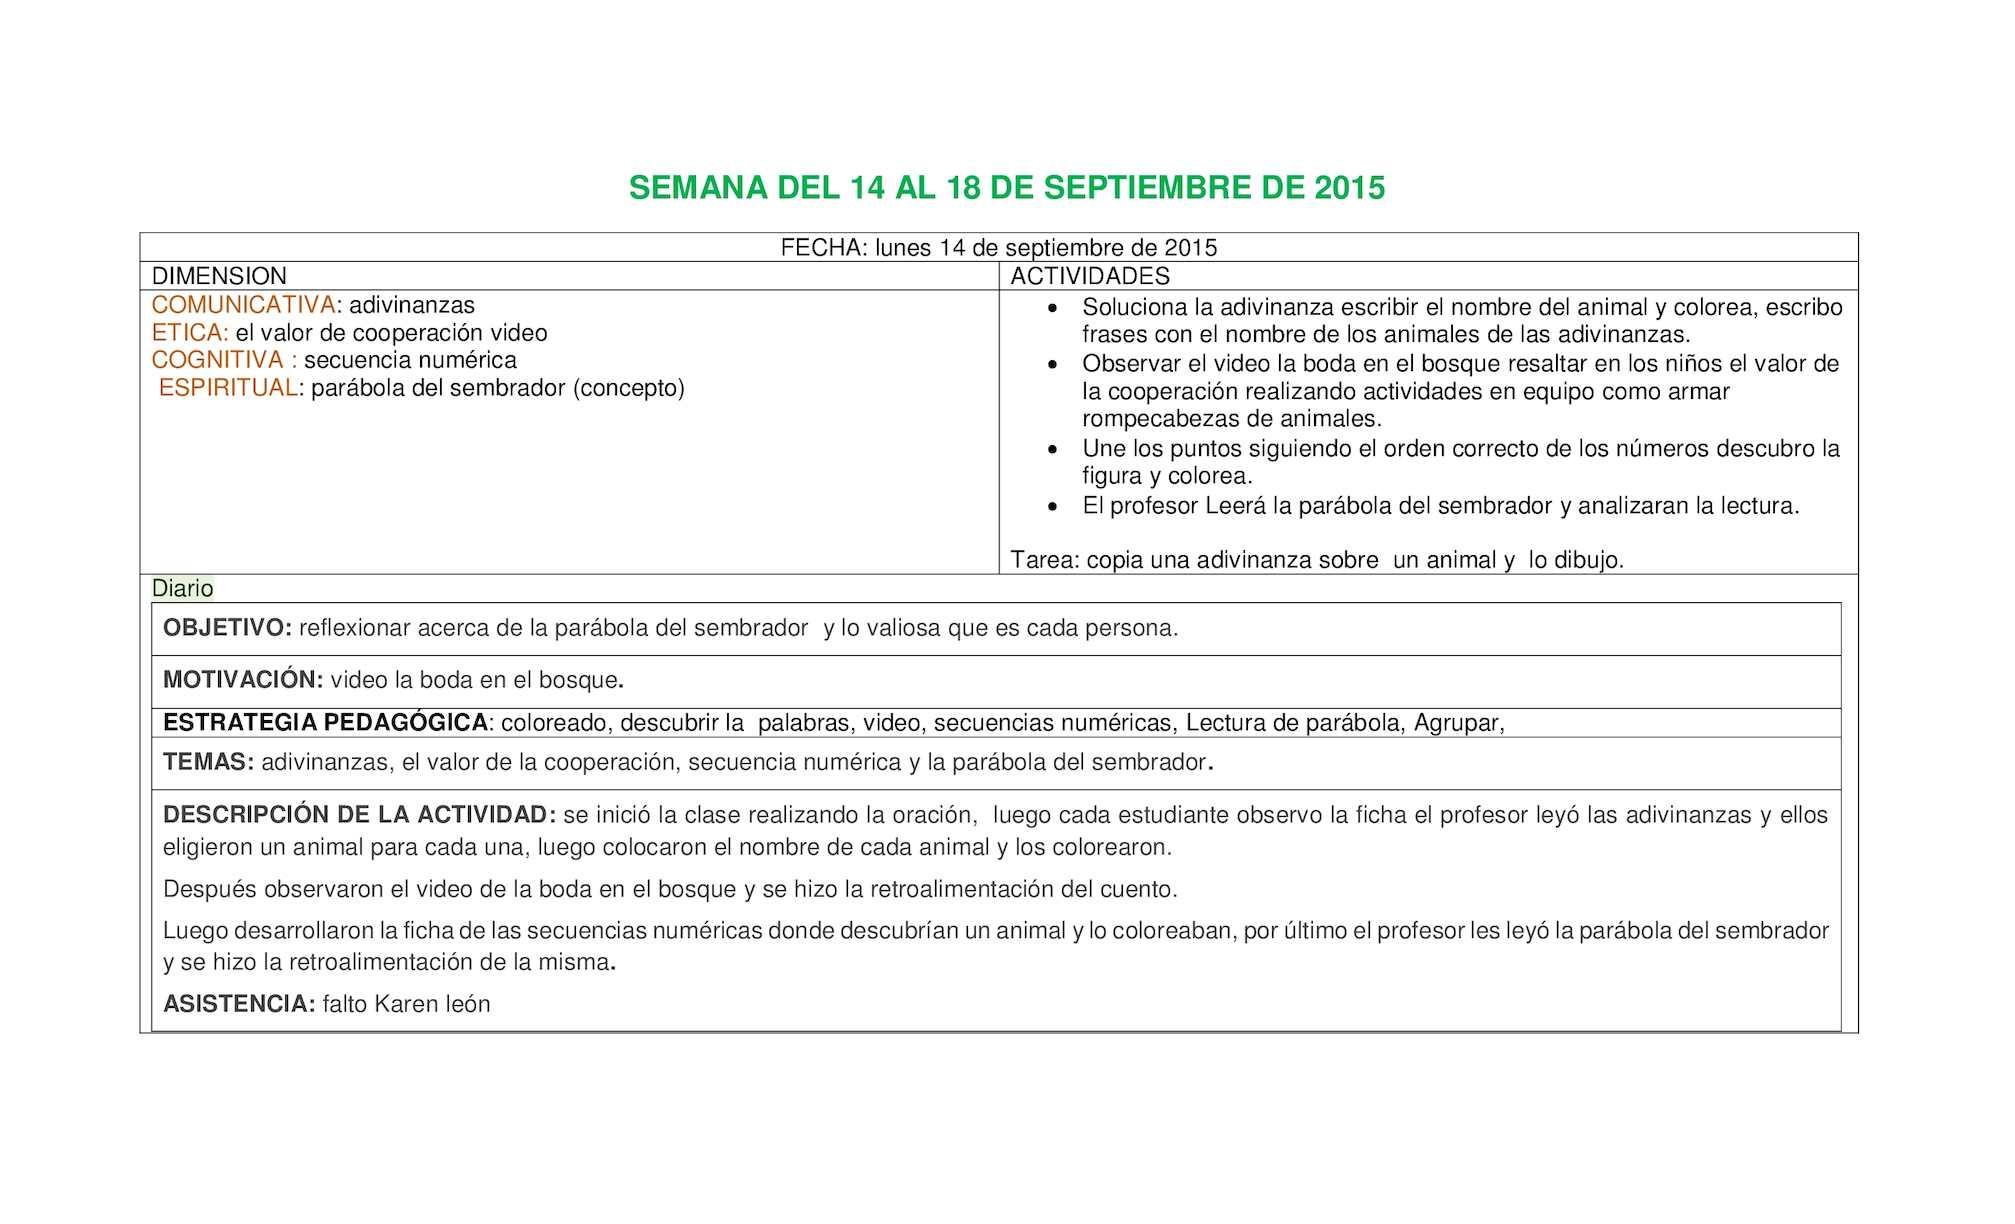 Calaméo - Preparador Semana Del 14 Al 18 De Septiembre De 2015